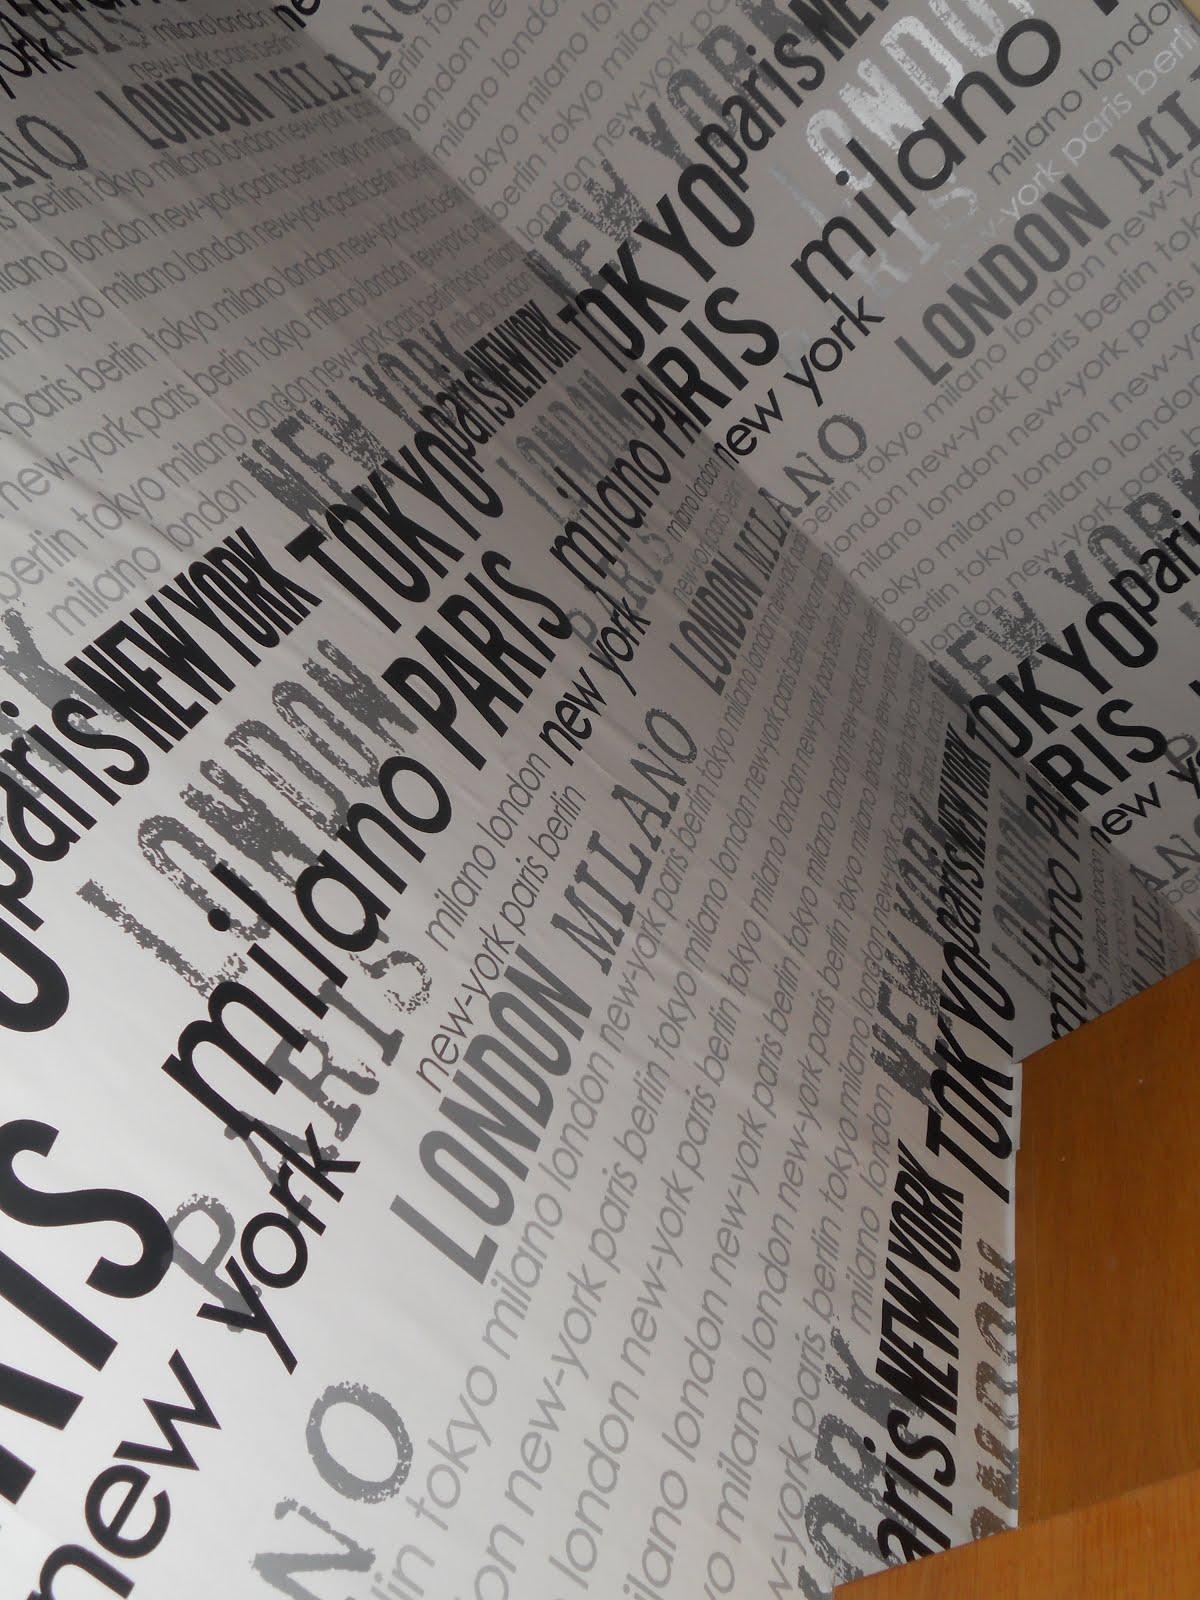 Dmodaydtendencia papel pintado para interiores - Leroy merlin papel pintado ...